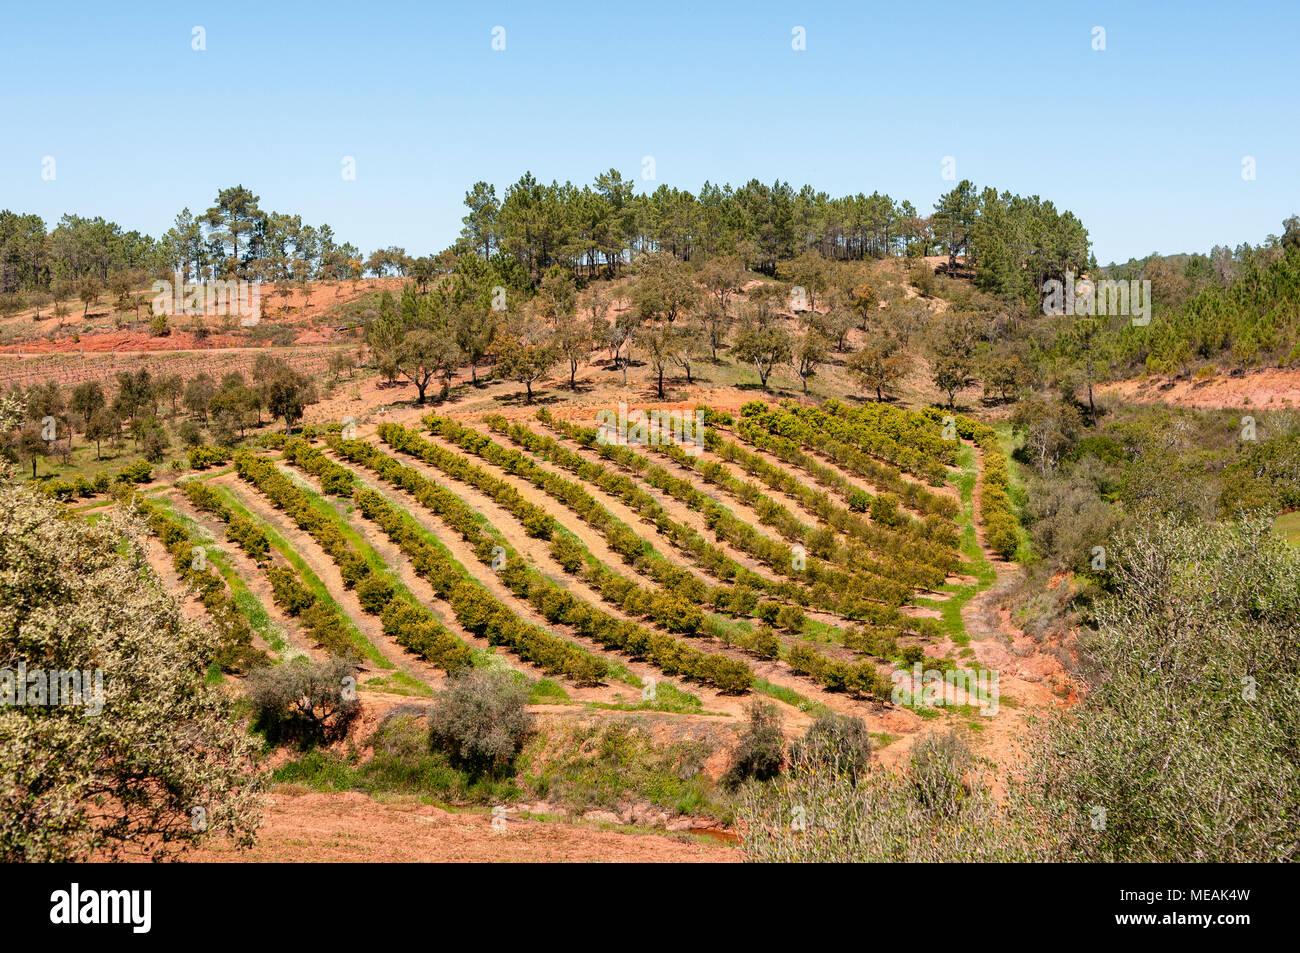 Filas de árboles frutales en el Algarve, Portugal. Foto de stock